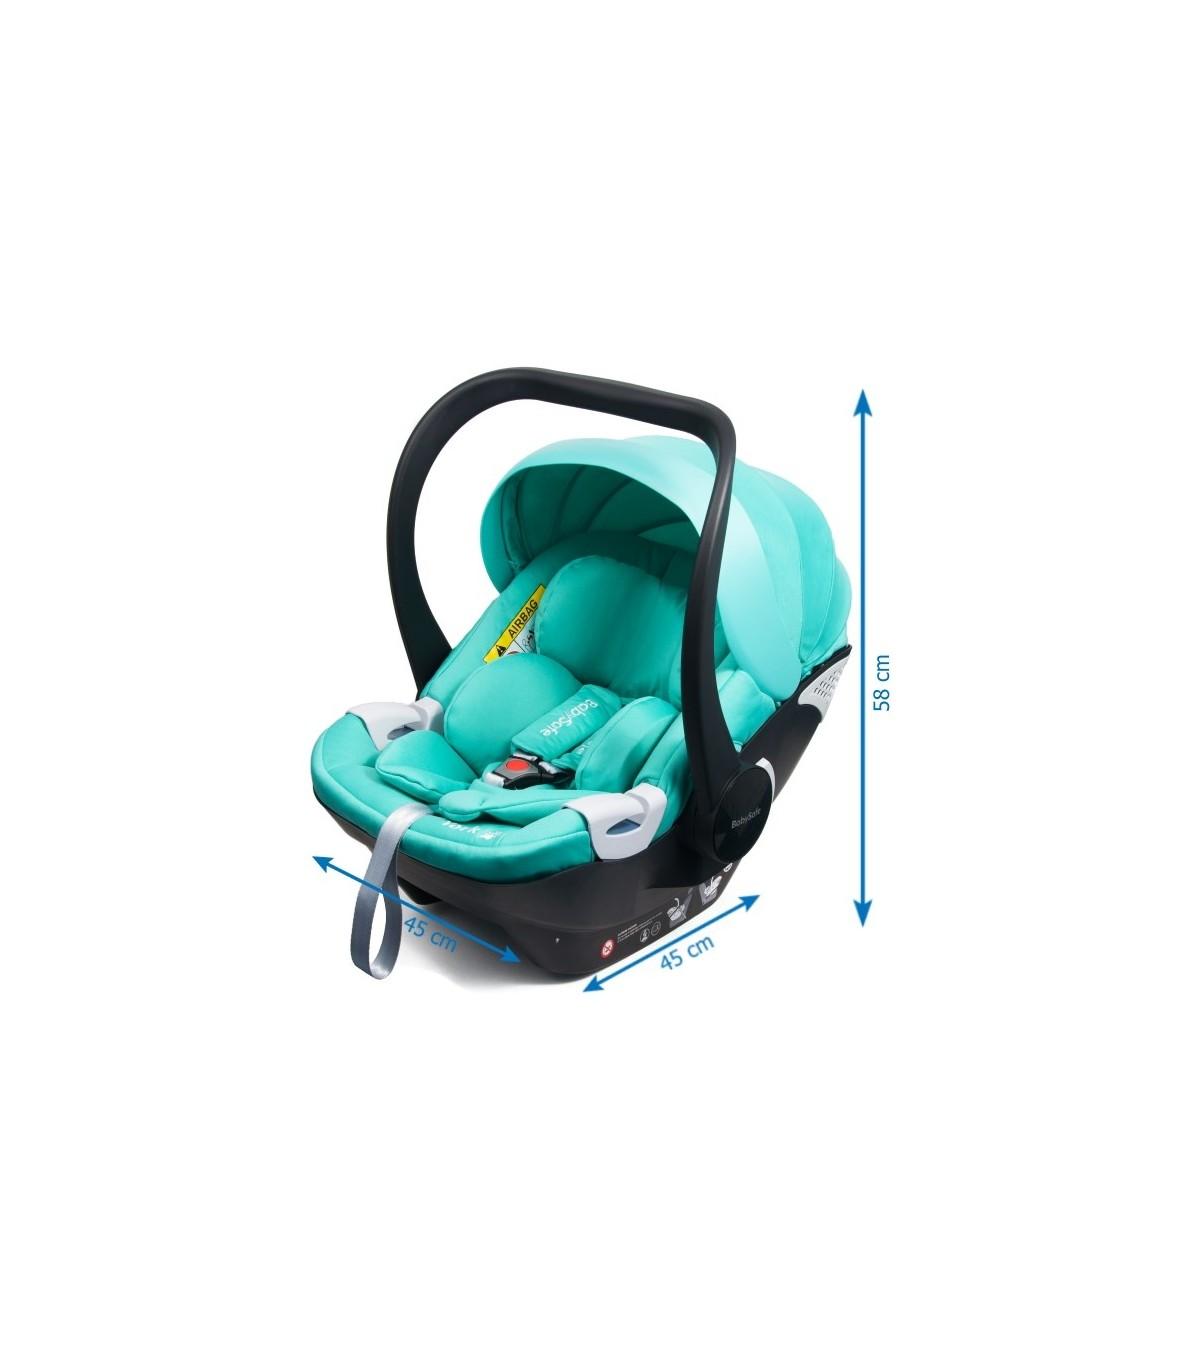 BabySafe York Grey Car Seat With Or Without ISOFIX Base (i